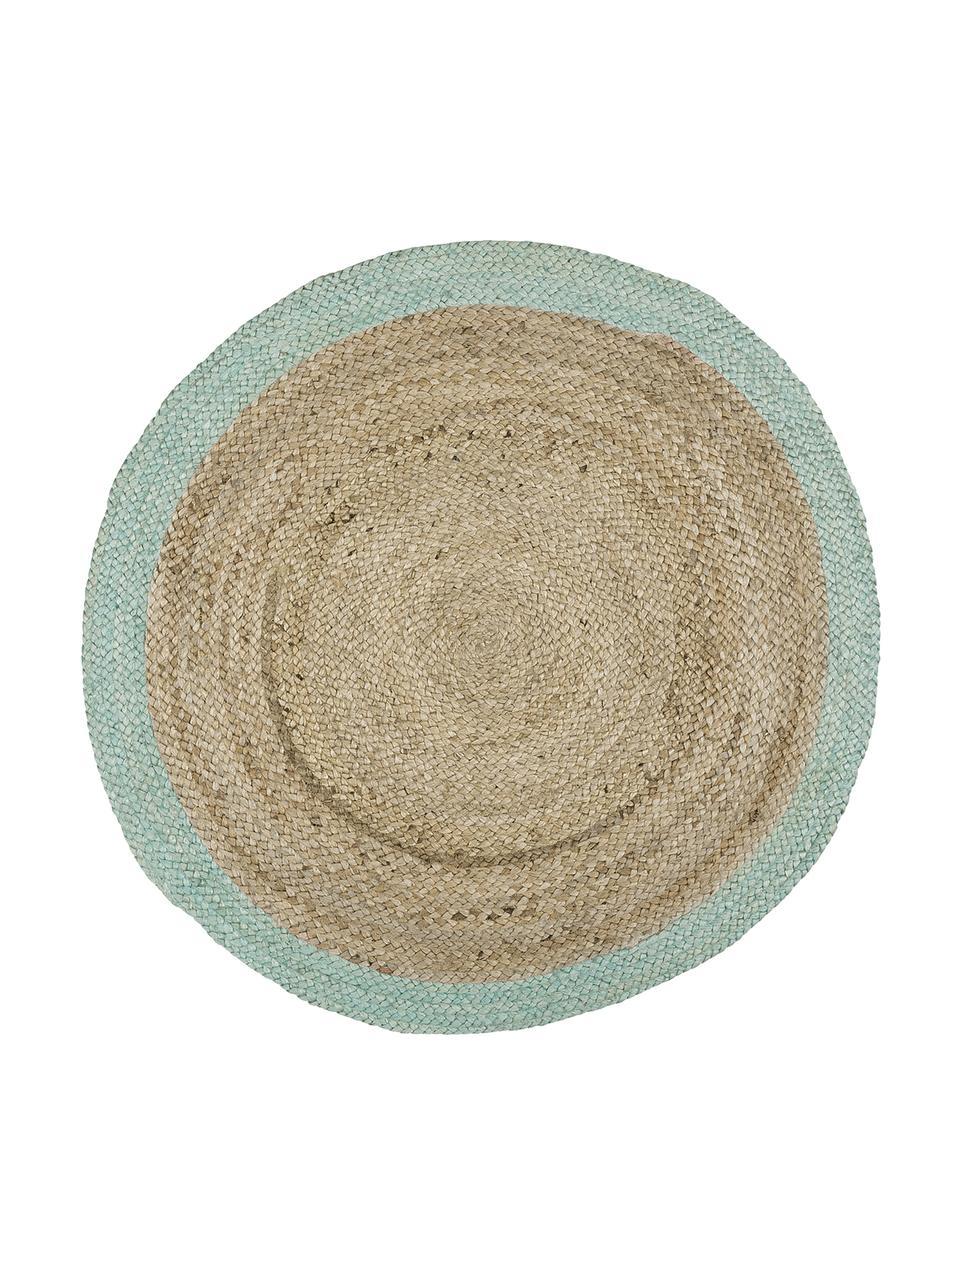 Okrągły ręcznie wykonany dywan z juty Shanta, 100% juta, Juta, zielony miętowy, Ø 100 cm (Rozmiar XS)